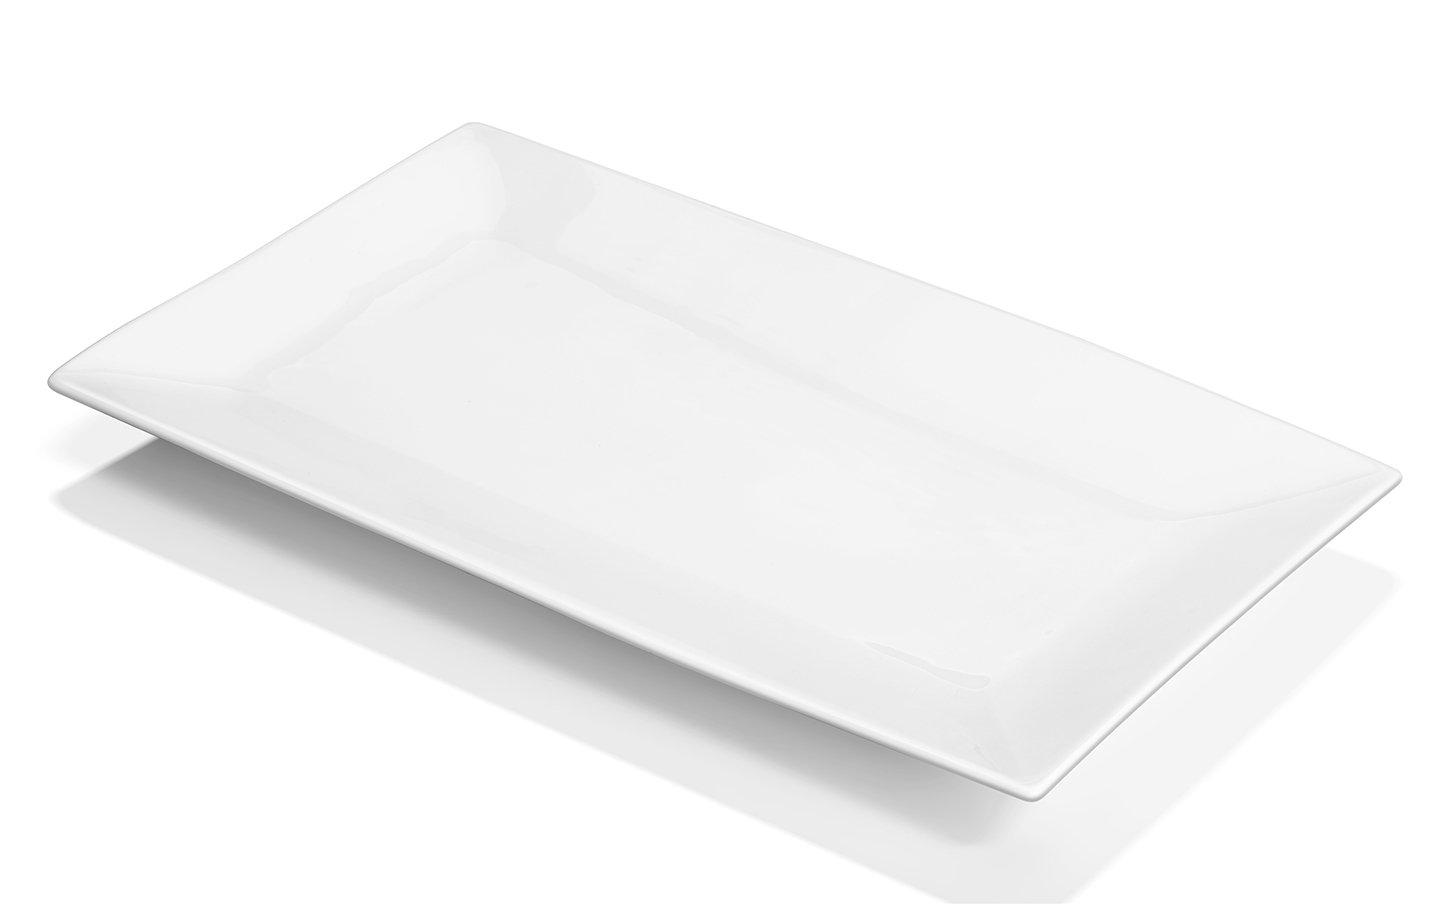 DOWAN 14-inch Porcelain Serving Platters/Dinner Plate Set - 3 Packs White  sc 1 st  TIBS & DOWAN 14-inch Porcelain Serving Platters/Dinner Plate Set - 3 Packs ...